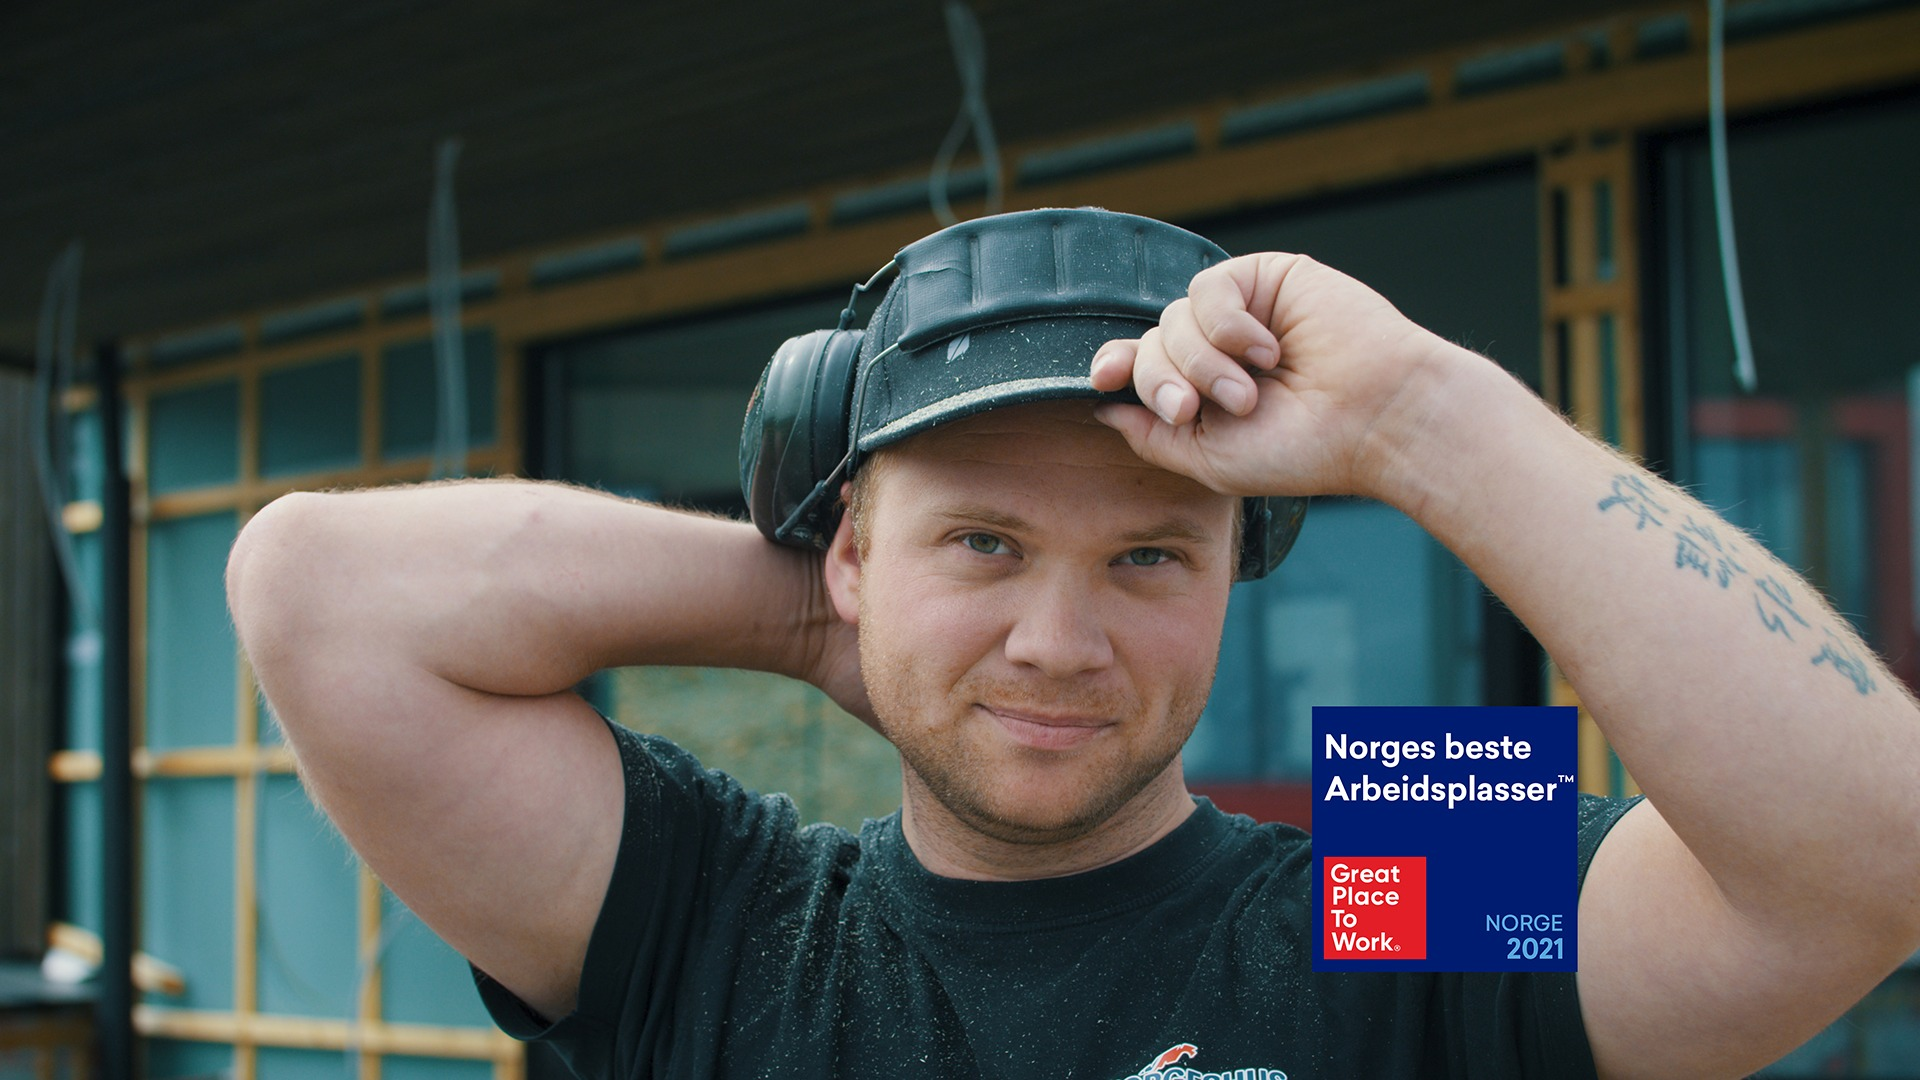 Stian er en av våre dyktige tømrere. Han ser frem til å bli kjent med nye kolleger!